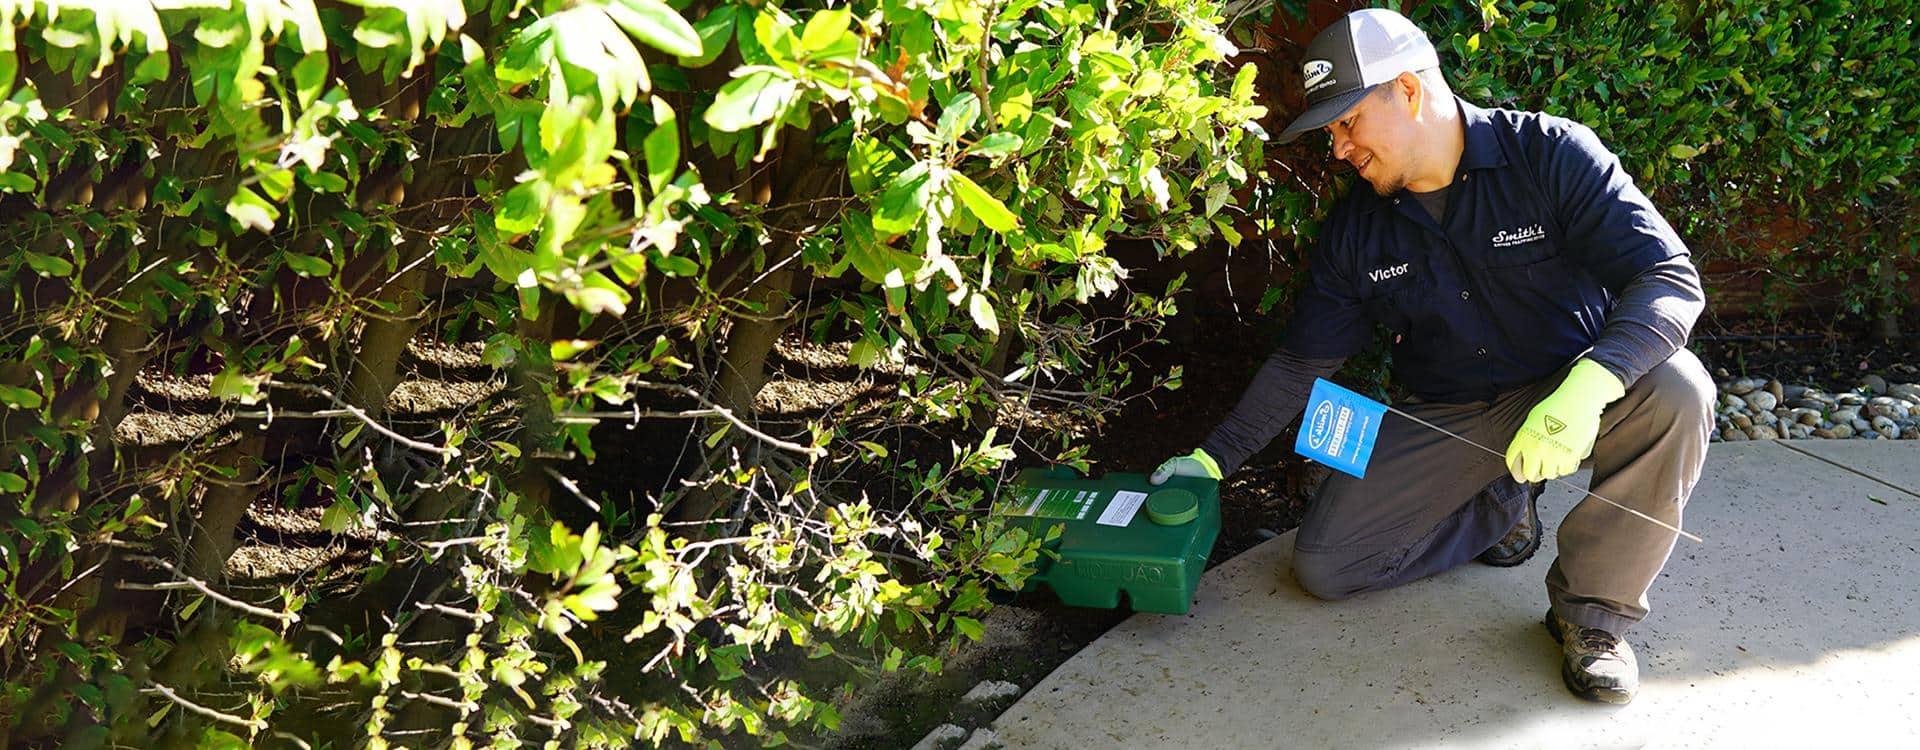 monterey ca wildlife control specialist eliminating ground squirrels